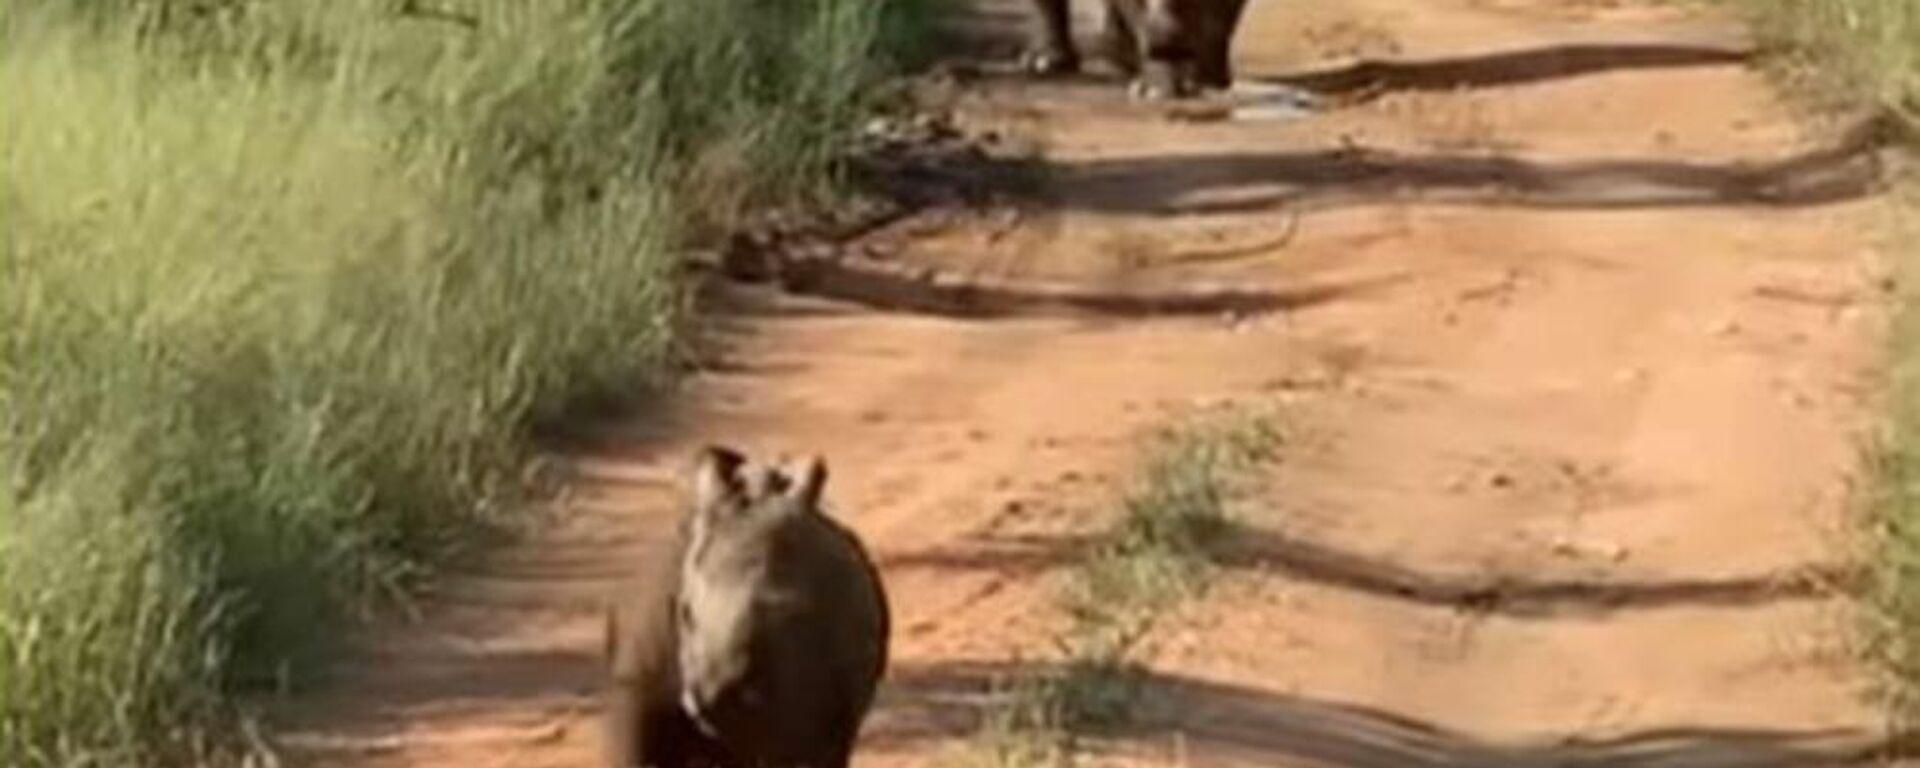 Χαρούμενο ρινοκεράκι τρέχει χαρωπό στο εθνικό πάρκο άγριας ζωής Kruger στη Νότια Αφρική - Sputnik Ελλάδα, 1920, 07.04.2021